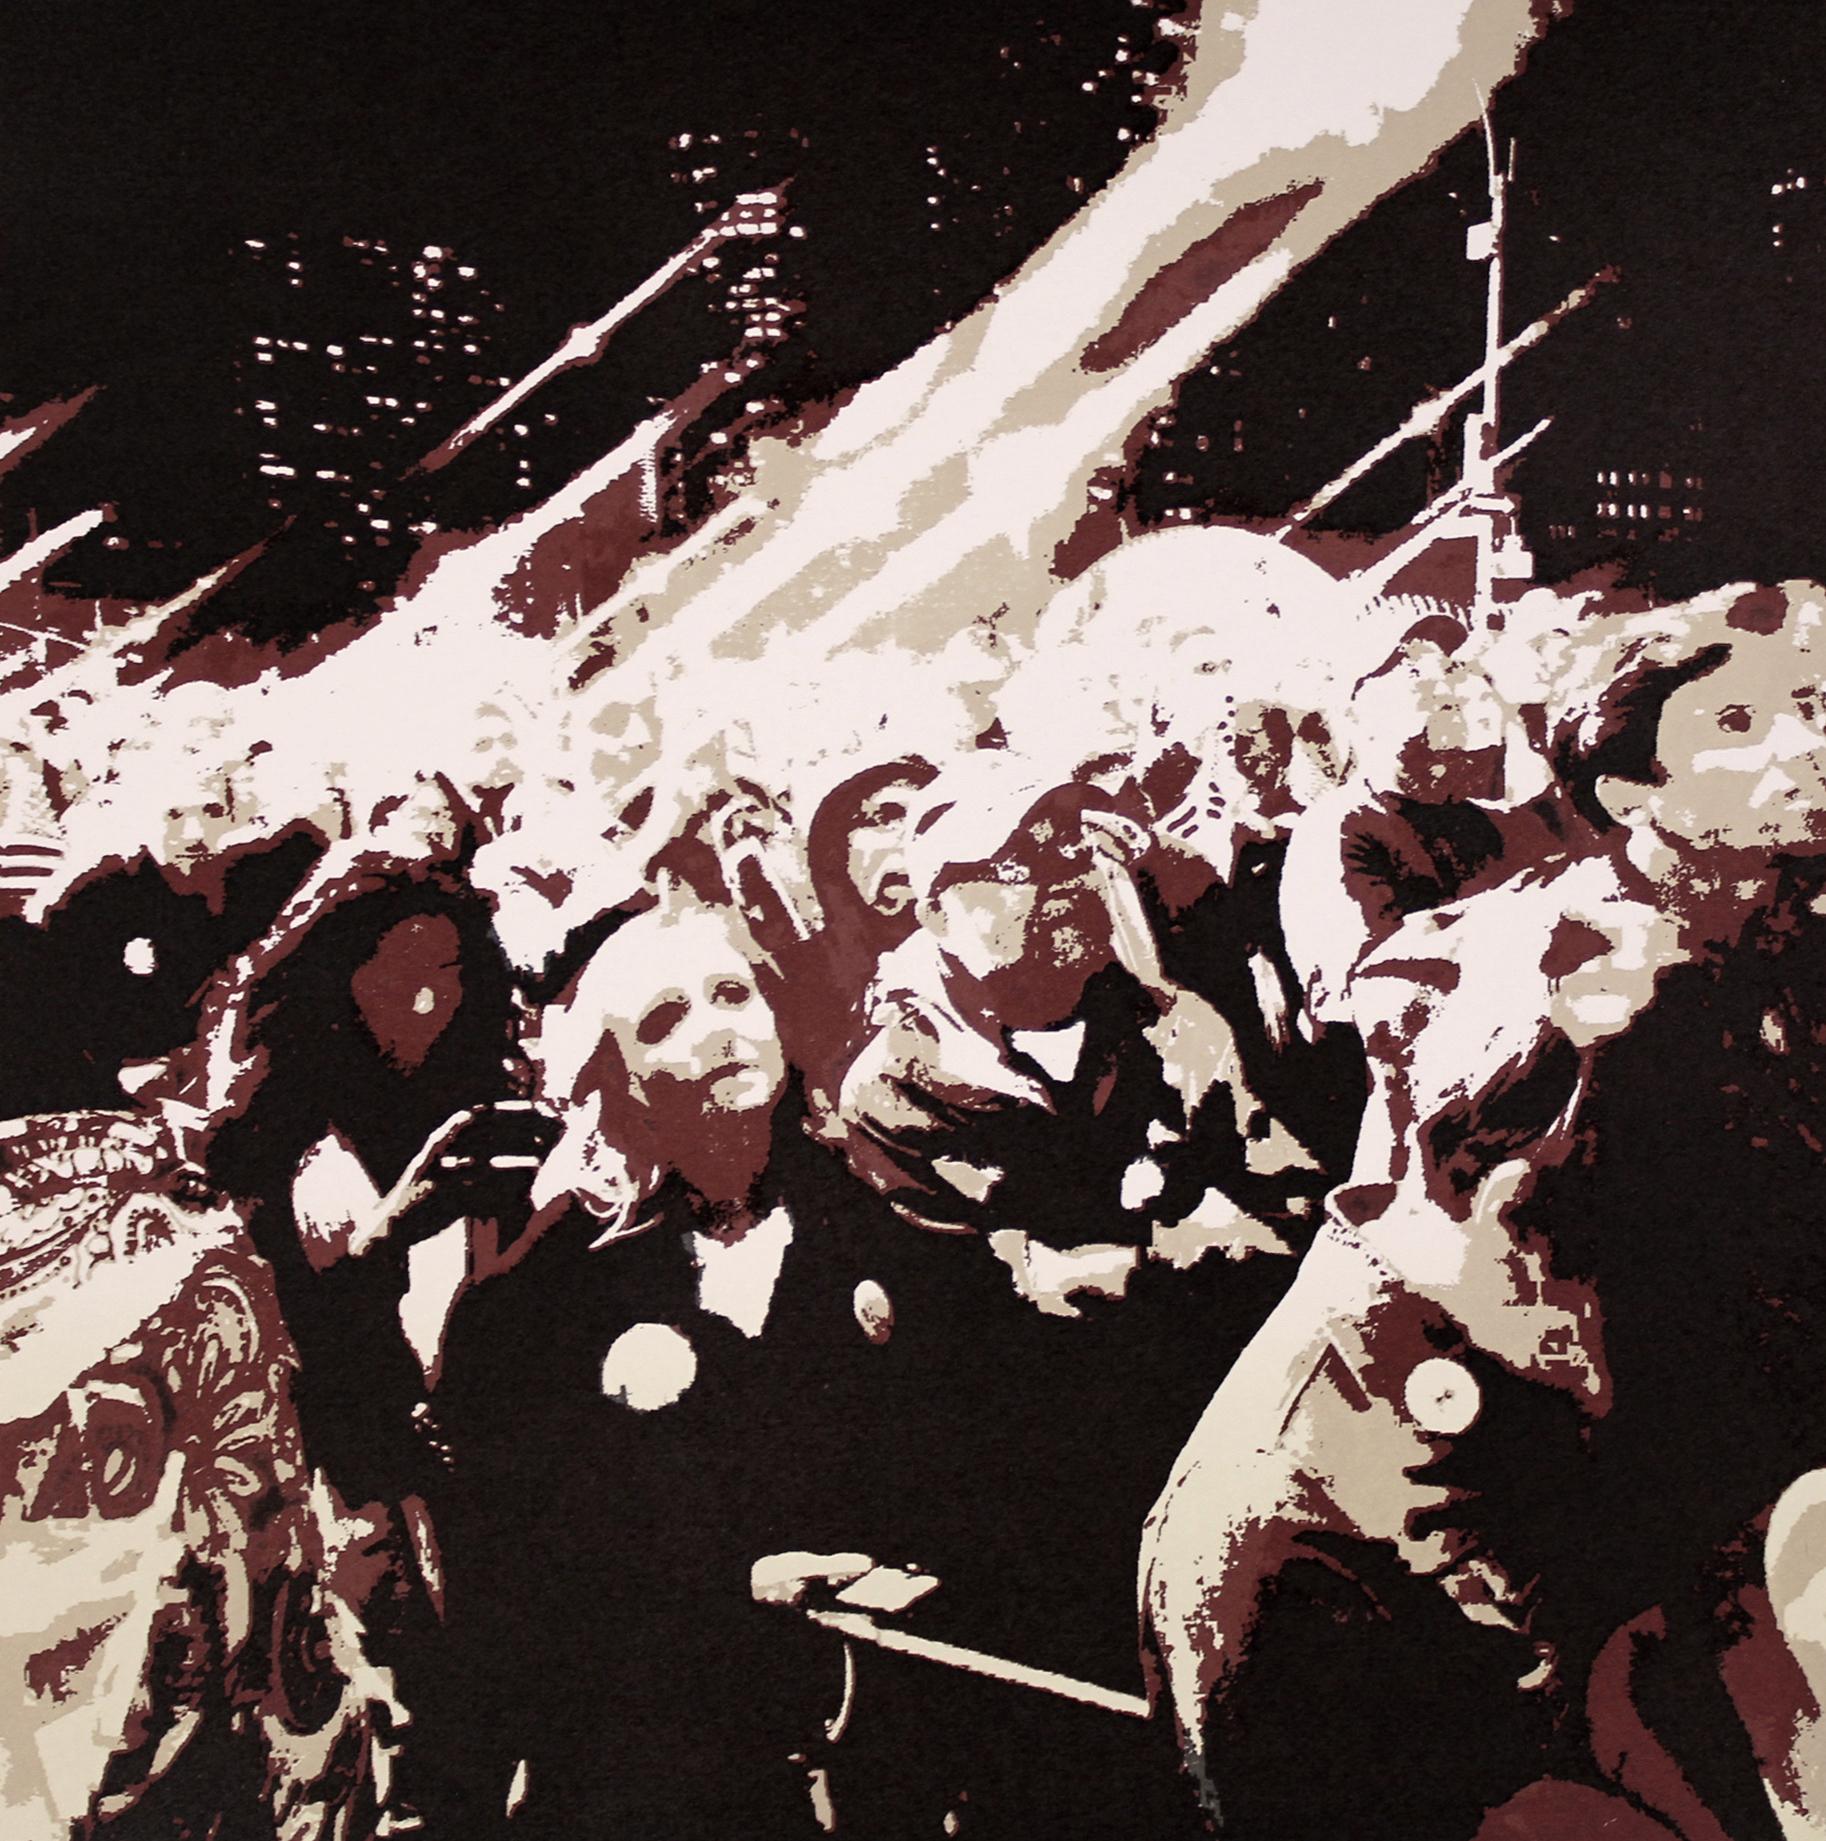 Motivet er fra silketrykkserien En Passant Limitless. En samtidsskildring om menneskeskjebner i kjølvannet av økonomiske og politiske endringer. Motivet er hentet fra NYC,valgnatten 8. november 2016  Mødrene til ofrene i Charlotte sto samlet opp om den første kvinnelige presidentkandidaten i USA' s historie. En fremtid bygget på tillit og forsoning, på tvers av raser og kjønn.